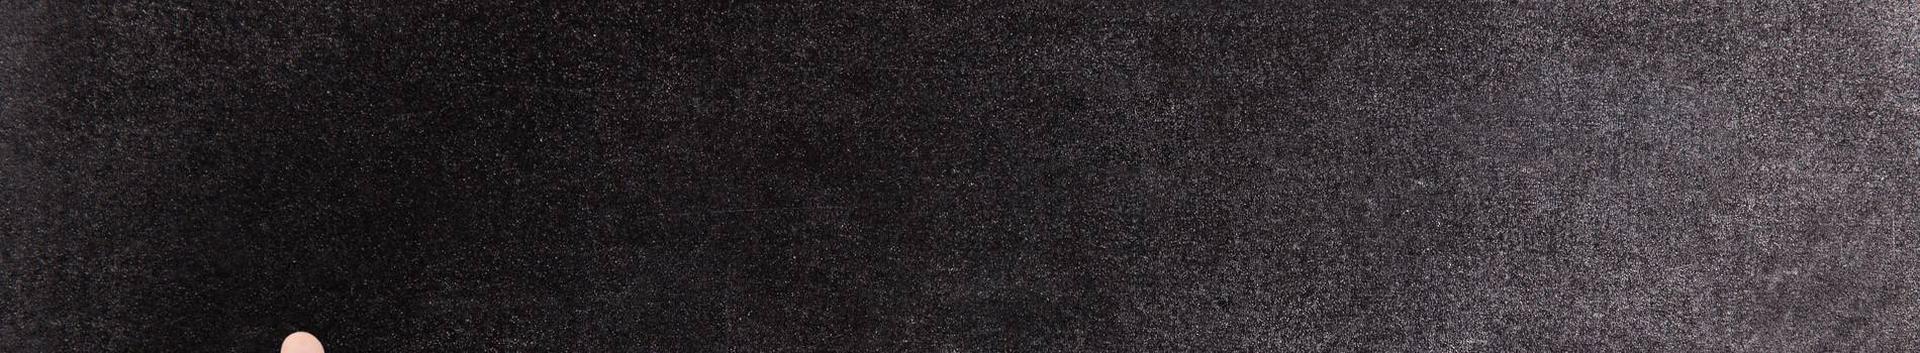 46901_mitmesuguste-kaupade-hulgikaubandus_83994299_xl.jpg